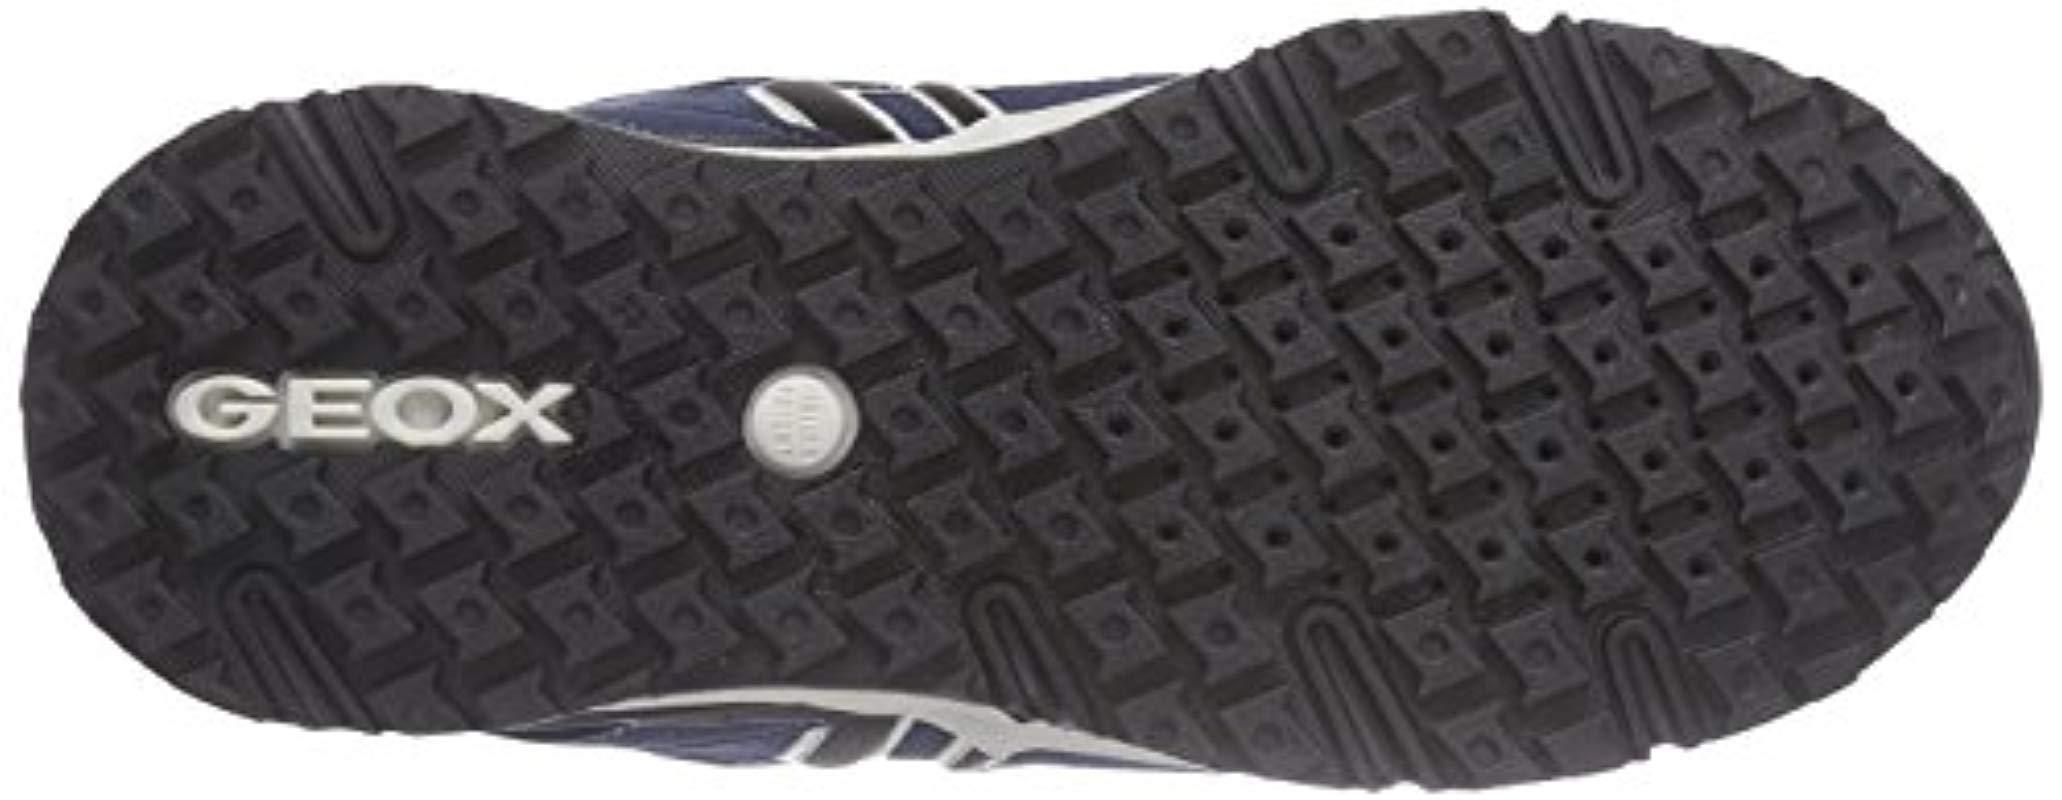 Zapatillas de Deporte para Geox de hombre de color Azul